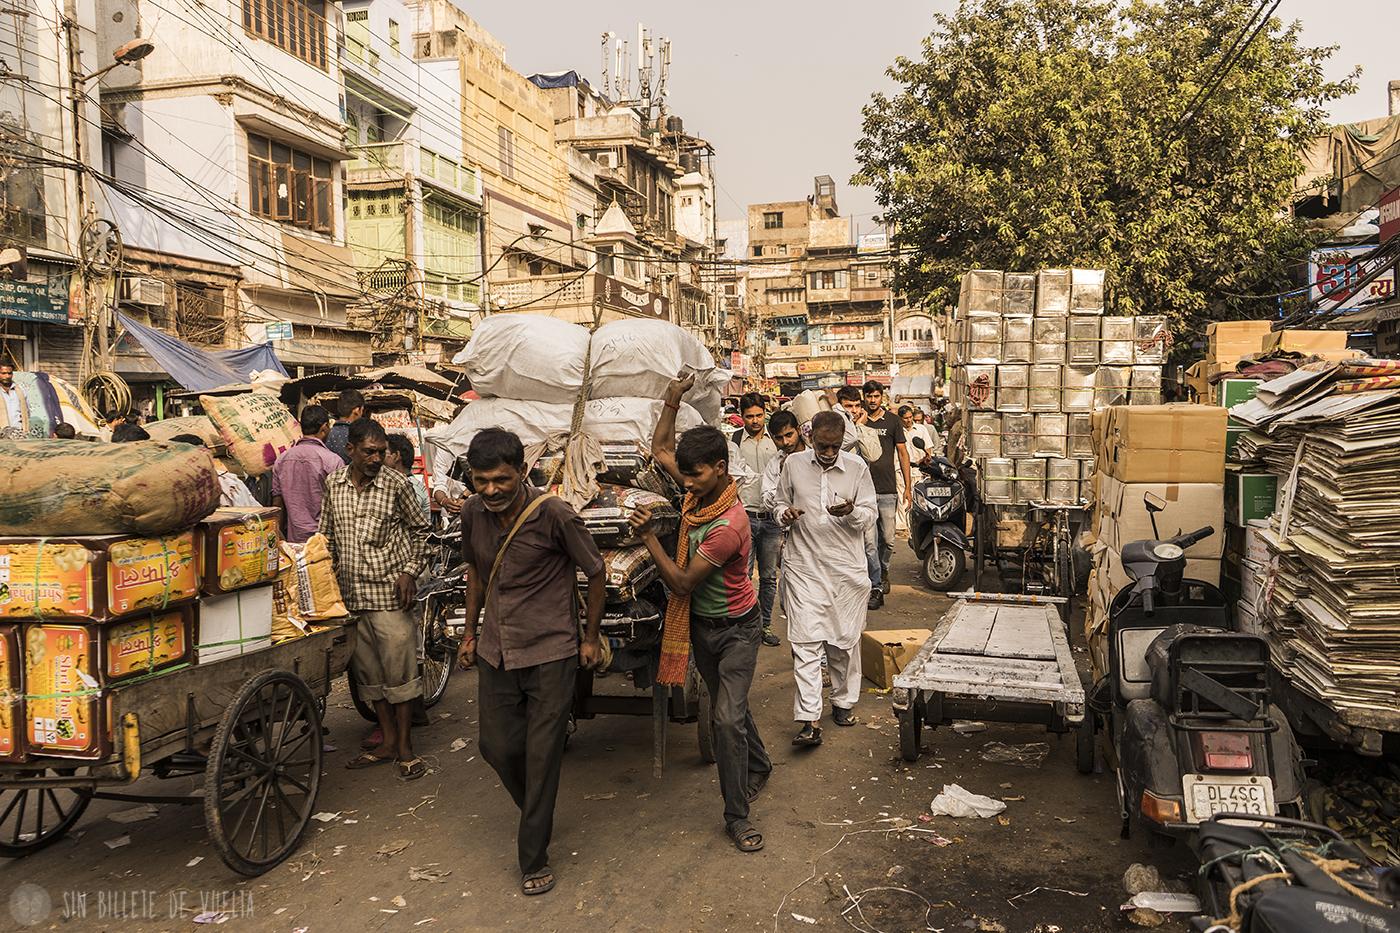 #Día 2 - Mercado de las especias